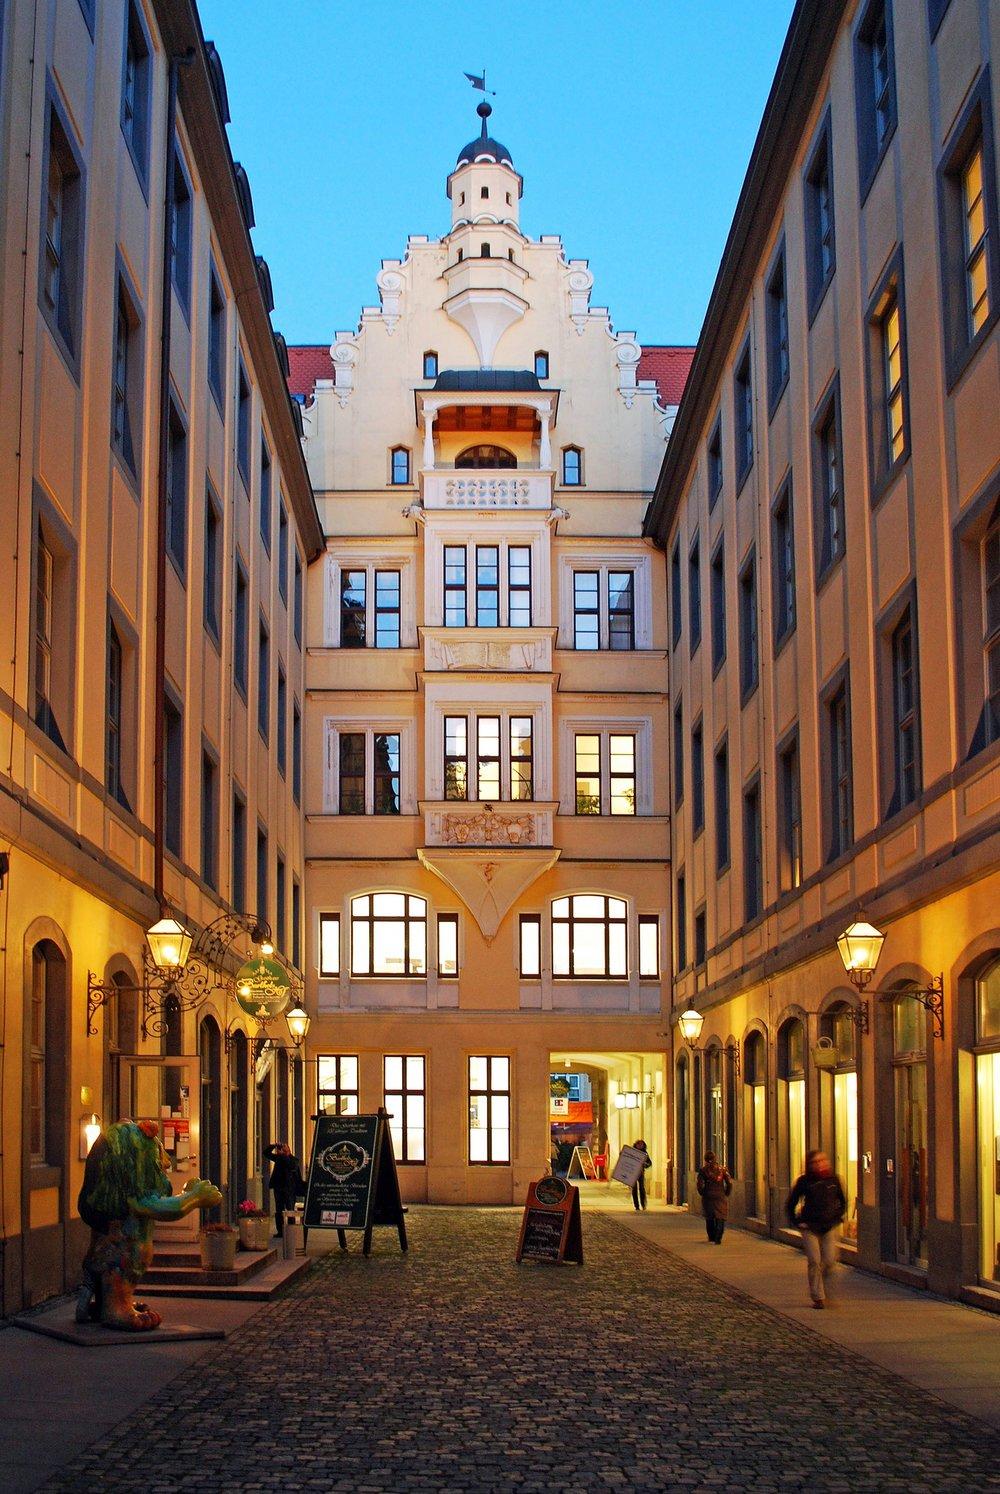 Barthels-Hof_Andreas-Schmidt_leipzig.travel.jpg